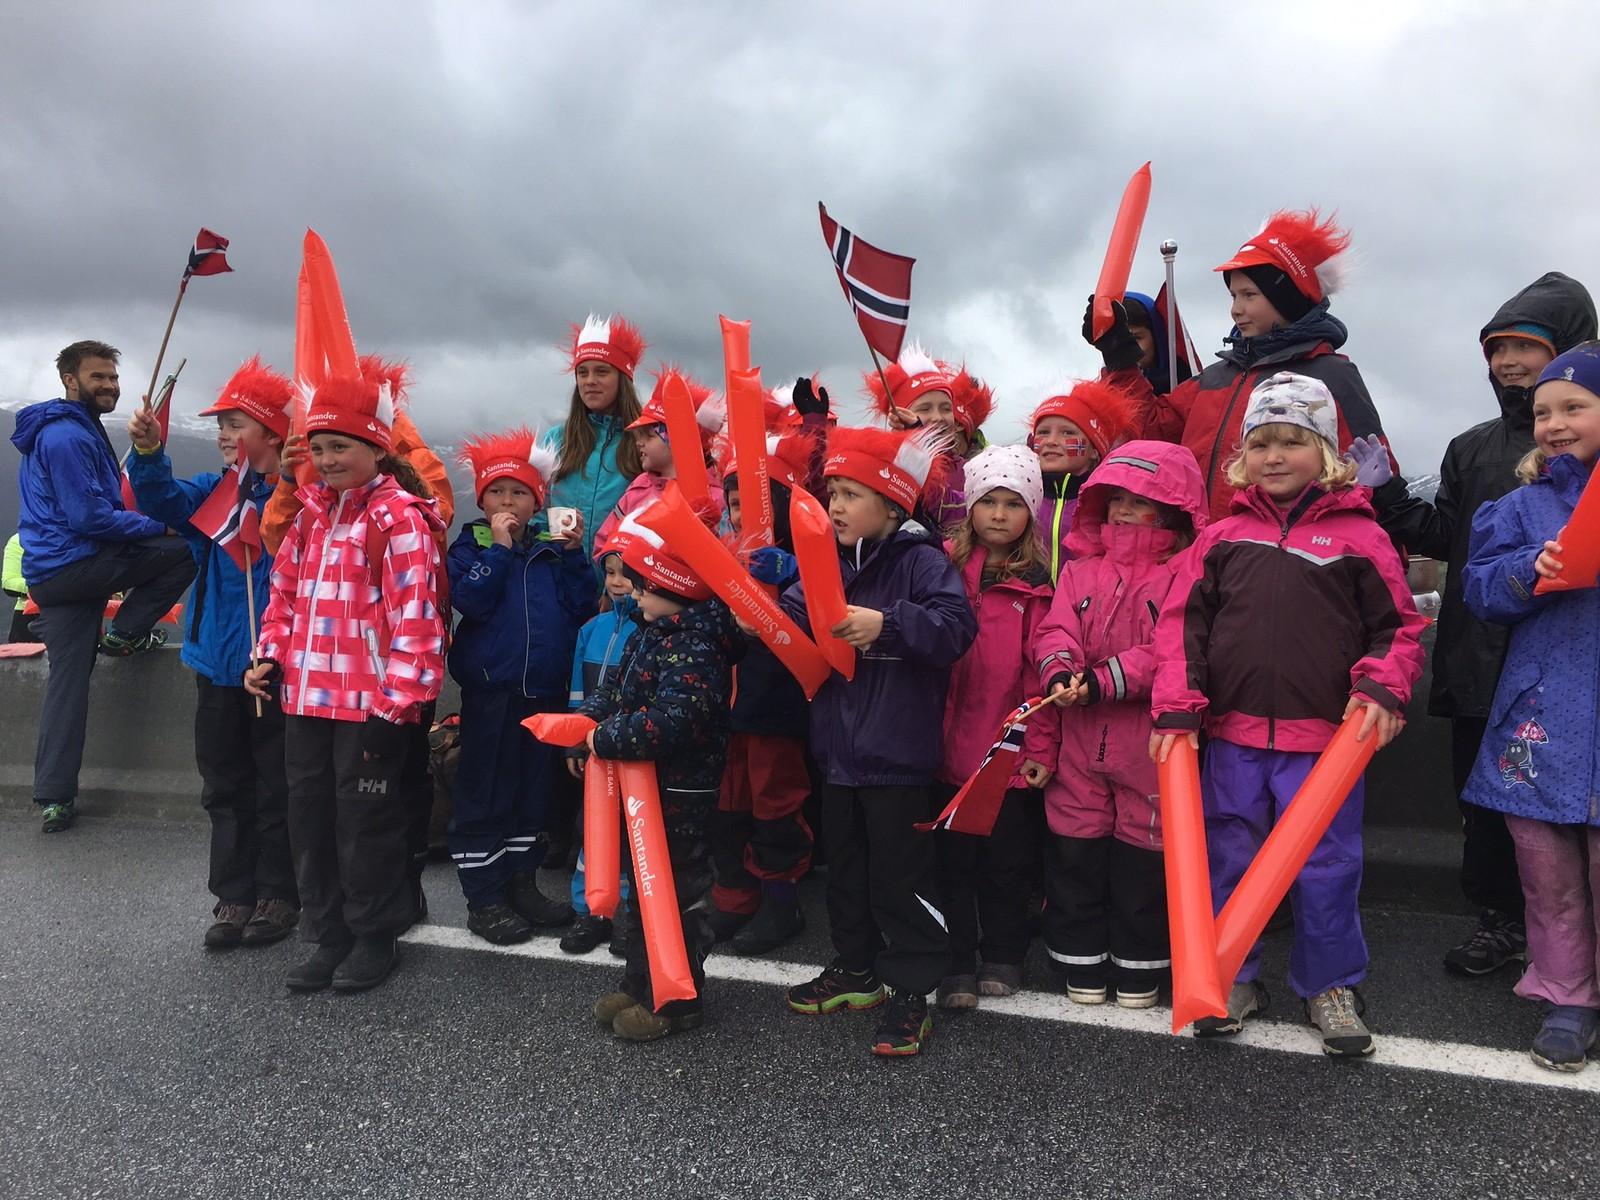 Elevar frå Frøysland skule og Holsen skule er på plass på Røyrvikfjellet. I det sure vêret er dei godt kledde når syklistane kjem over.